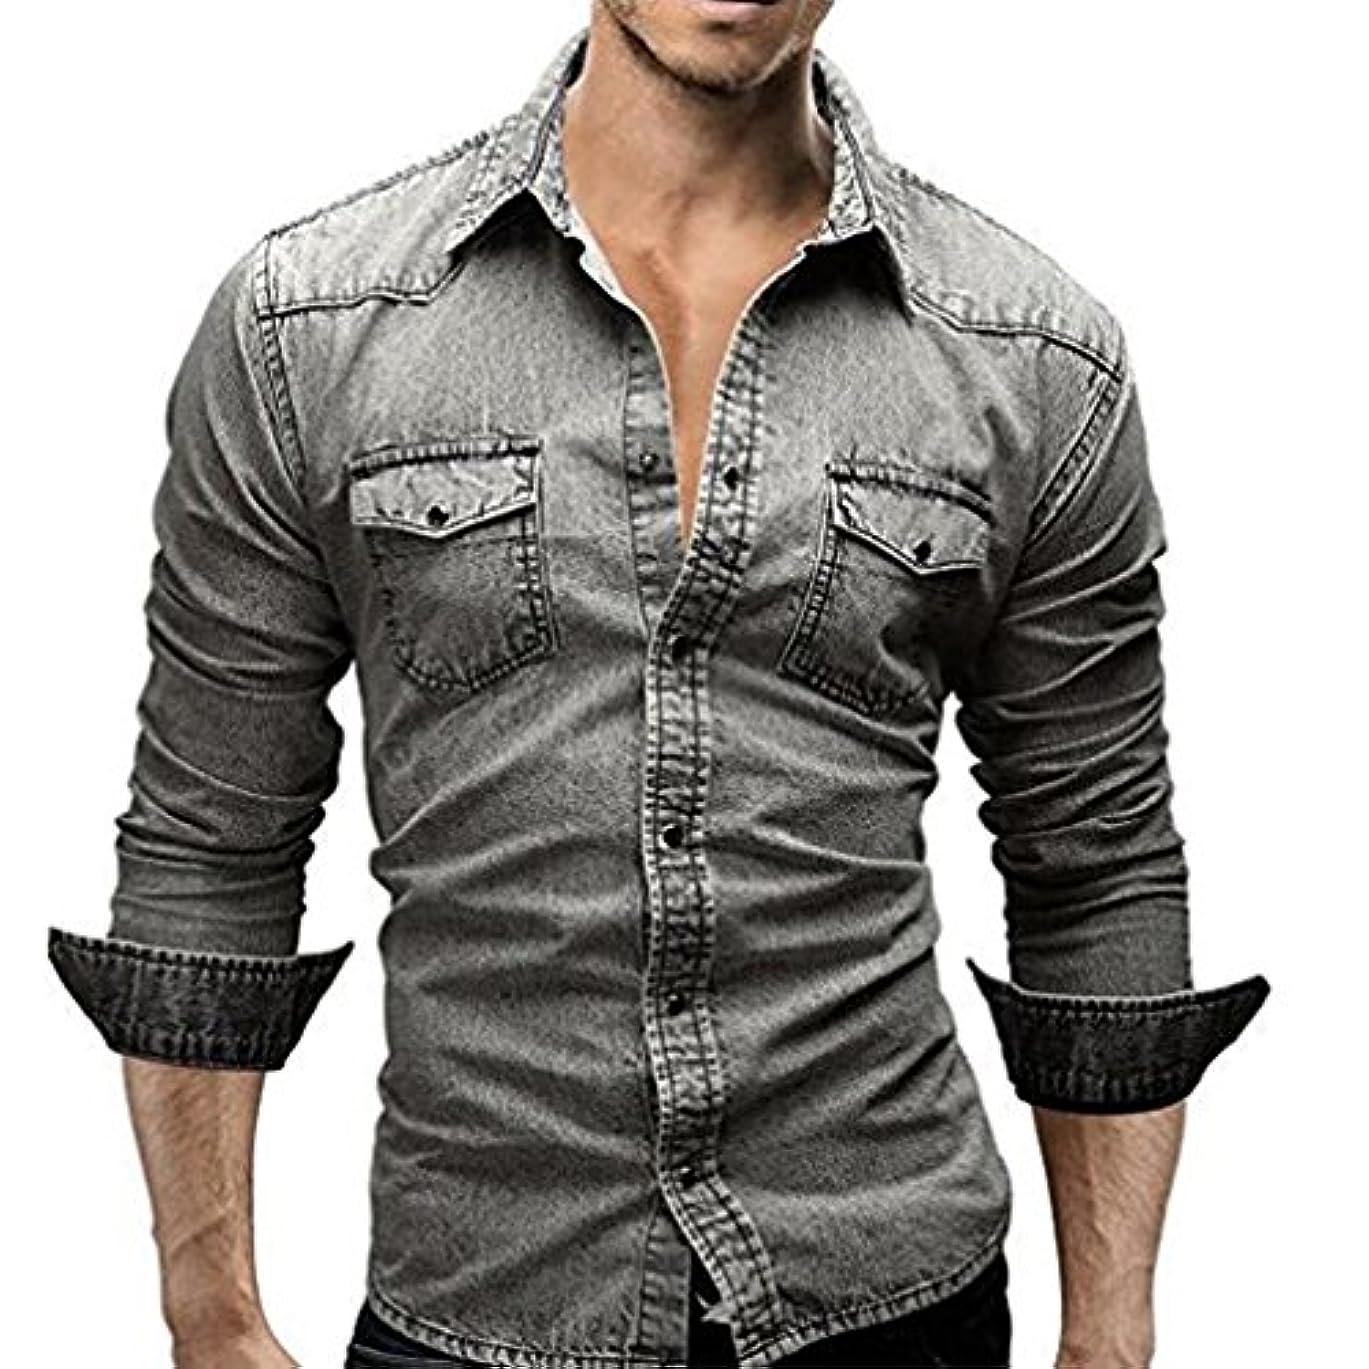 パンフレット雇った療法Honghu メンズ シャツ 長袖  ダブルポケット  カジュアル デニム ライトグレー M 1PC